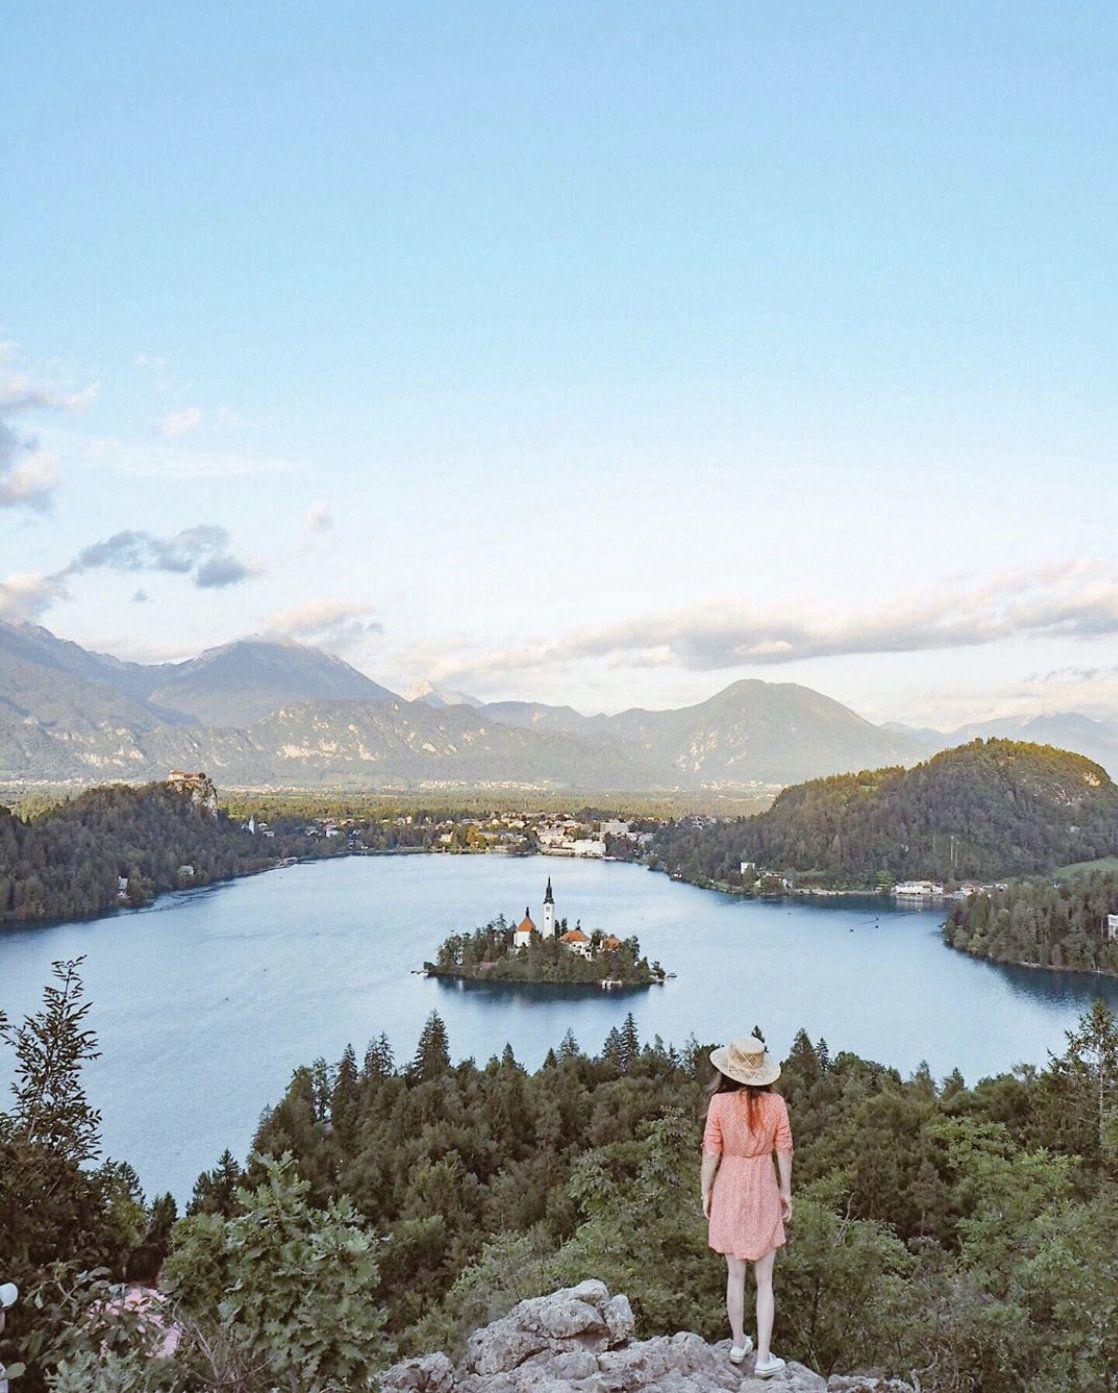 山頂から見渡す湖の絶景 triproud 風景 森の写真 湖